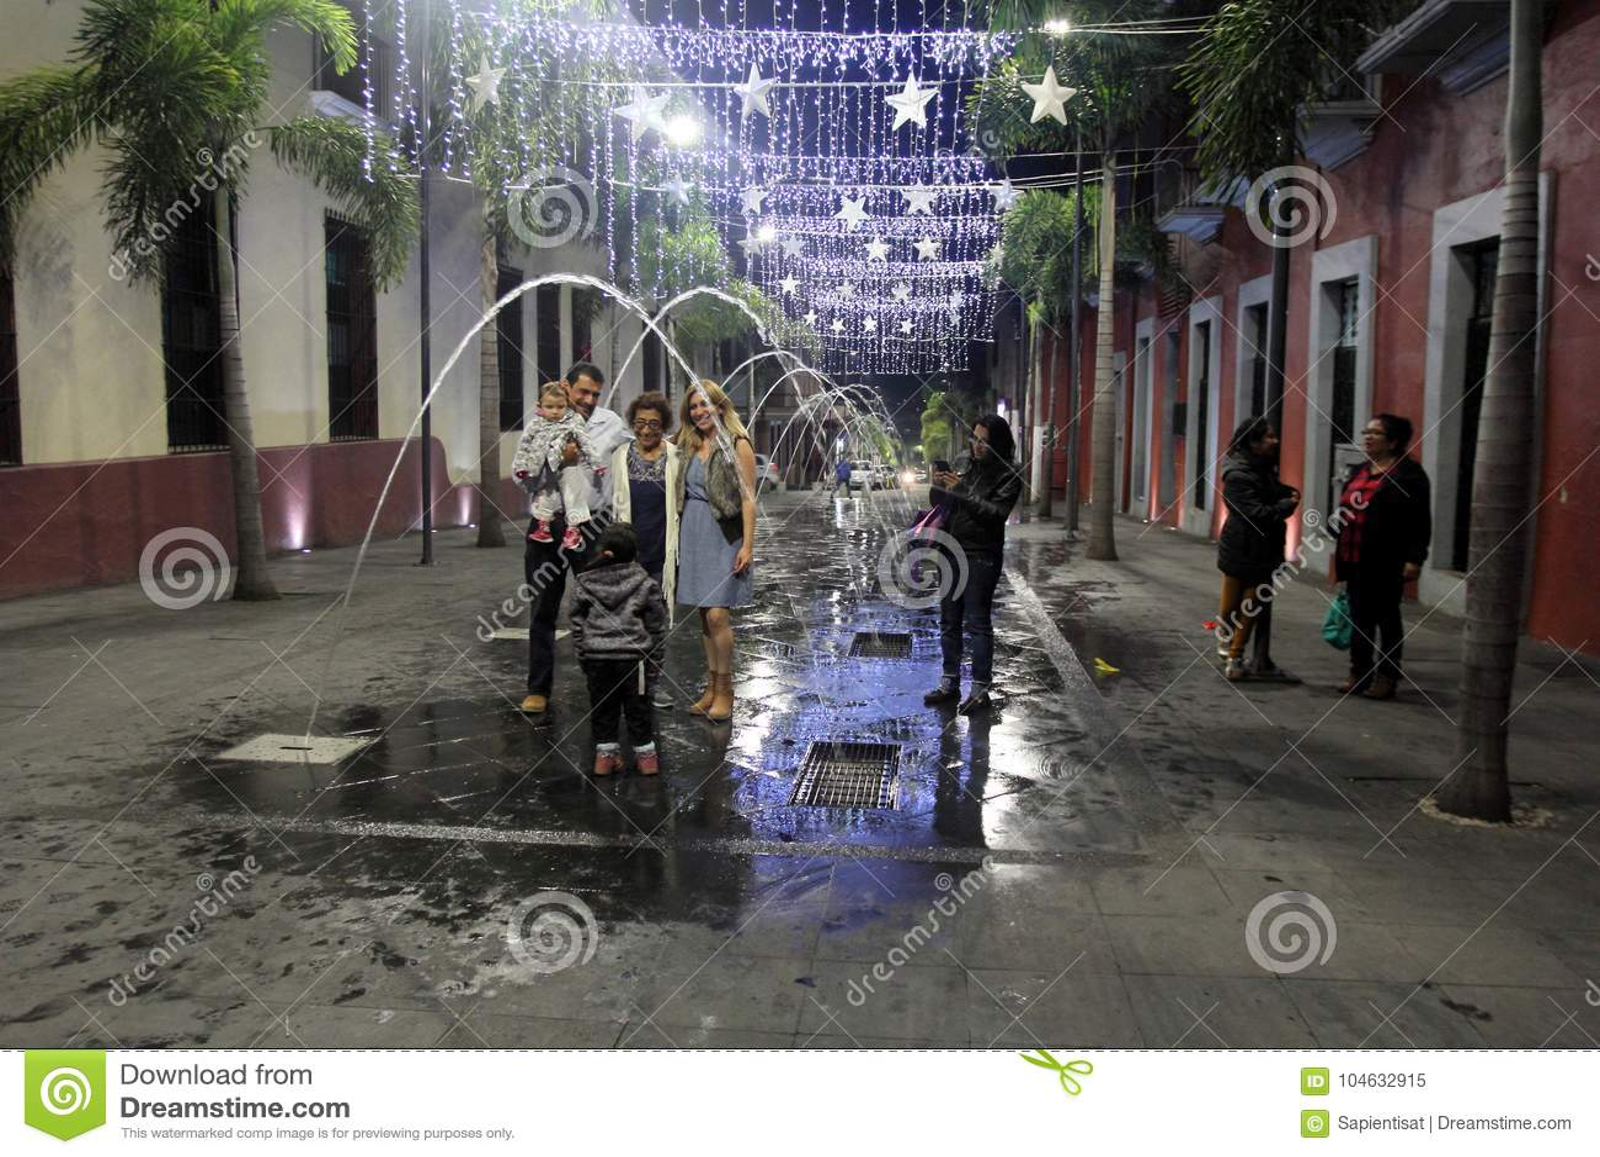 Download Heroica Cordoba, Mexico redactionele afbeelding. Afbeelding bestaande uit architectuur - 104632915